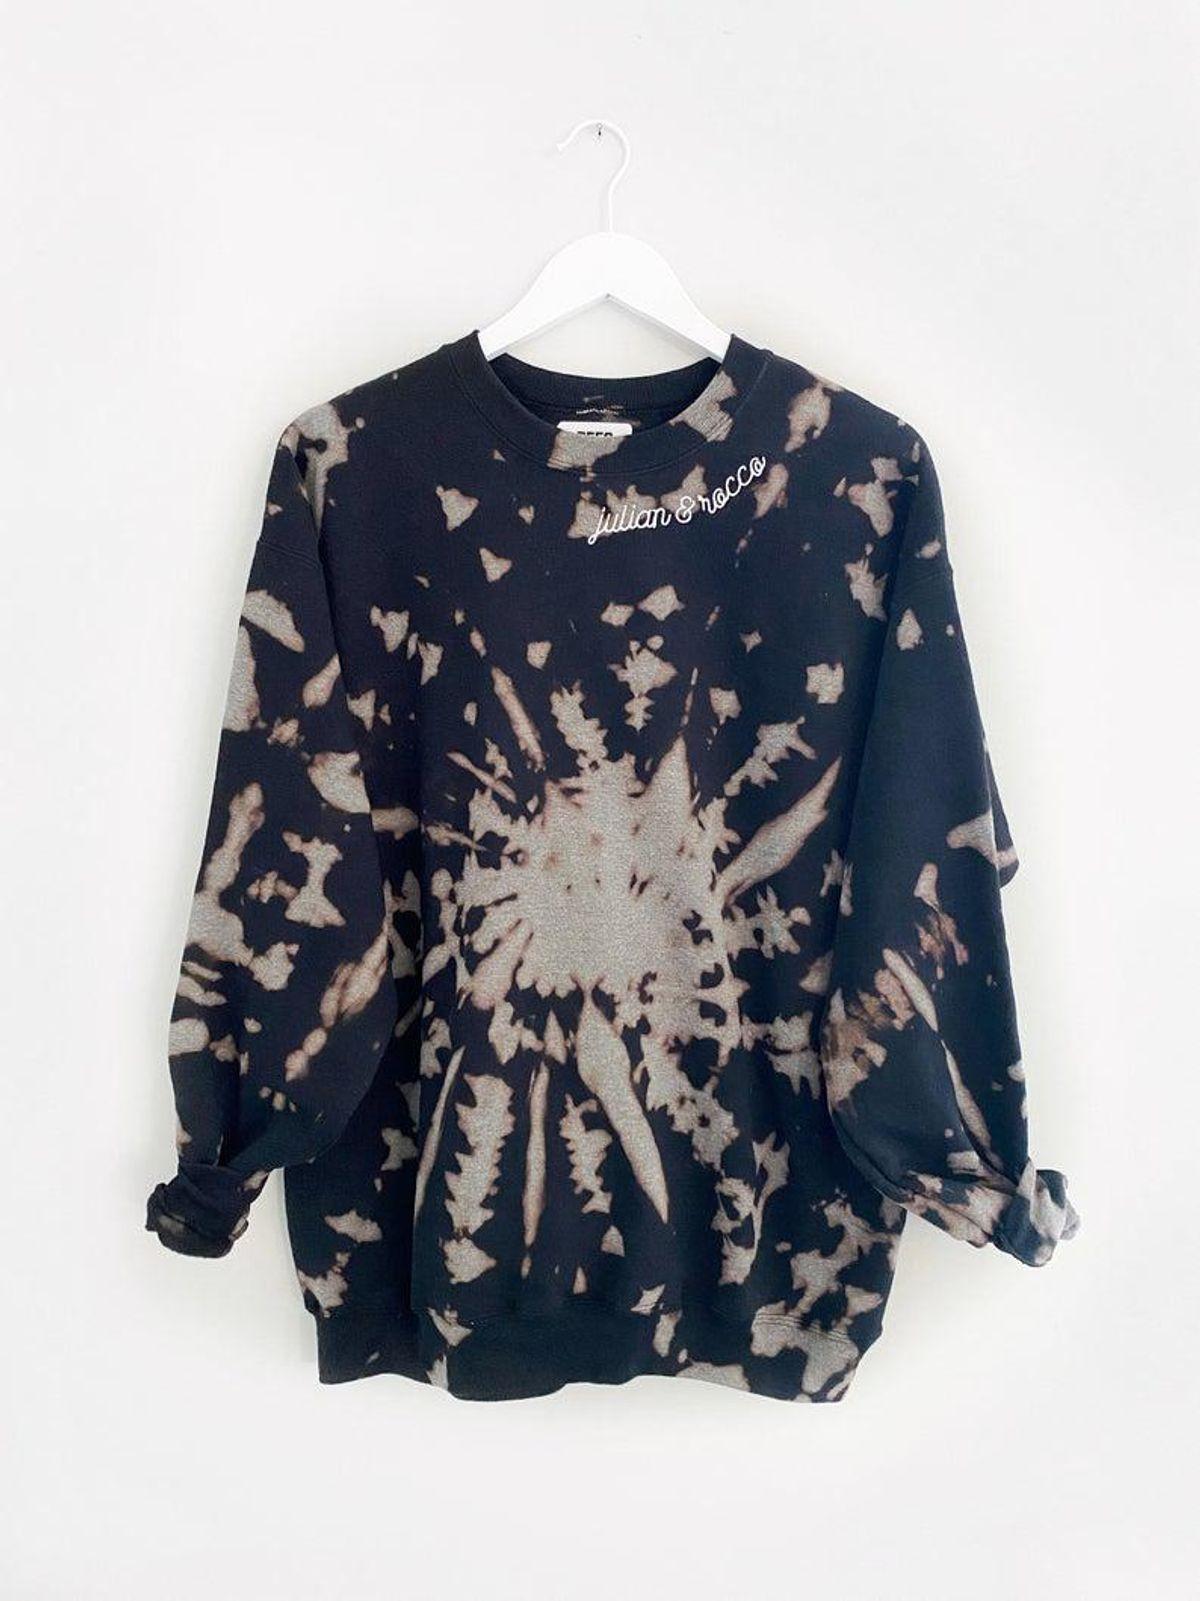 Flip It Stitch Embroidered Reverse Tie-Dye Sweatshirt